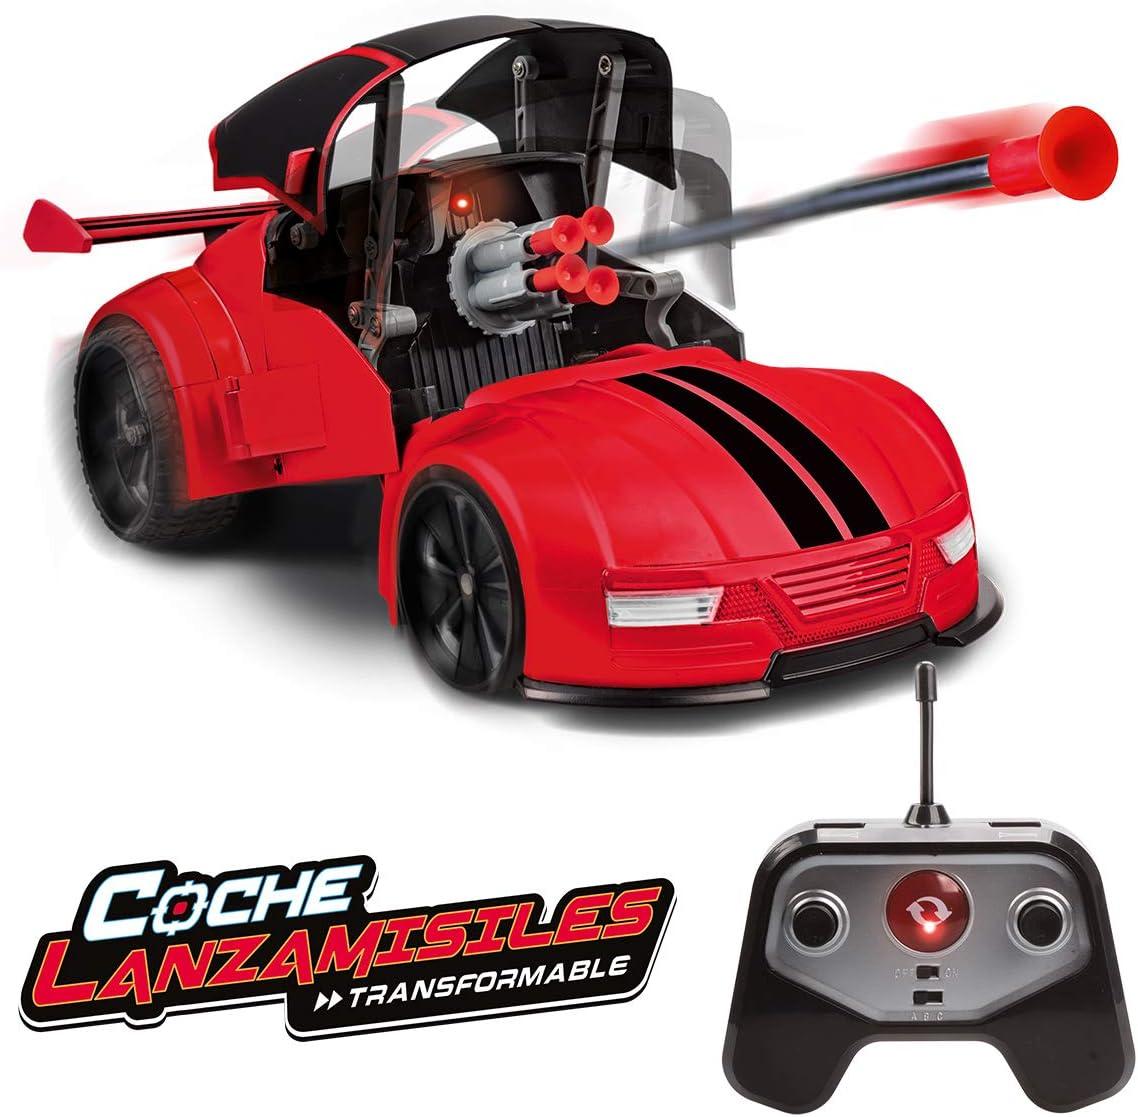 Xtrem Raiders Teledirigido, niños, transformables, Lanza misiles, World Brands, Coche Juguete, Color Rojo XT180892